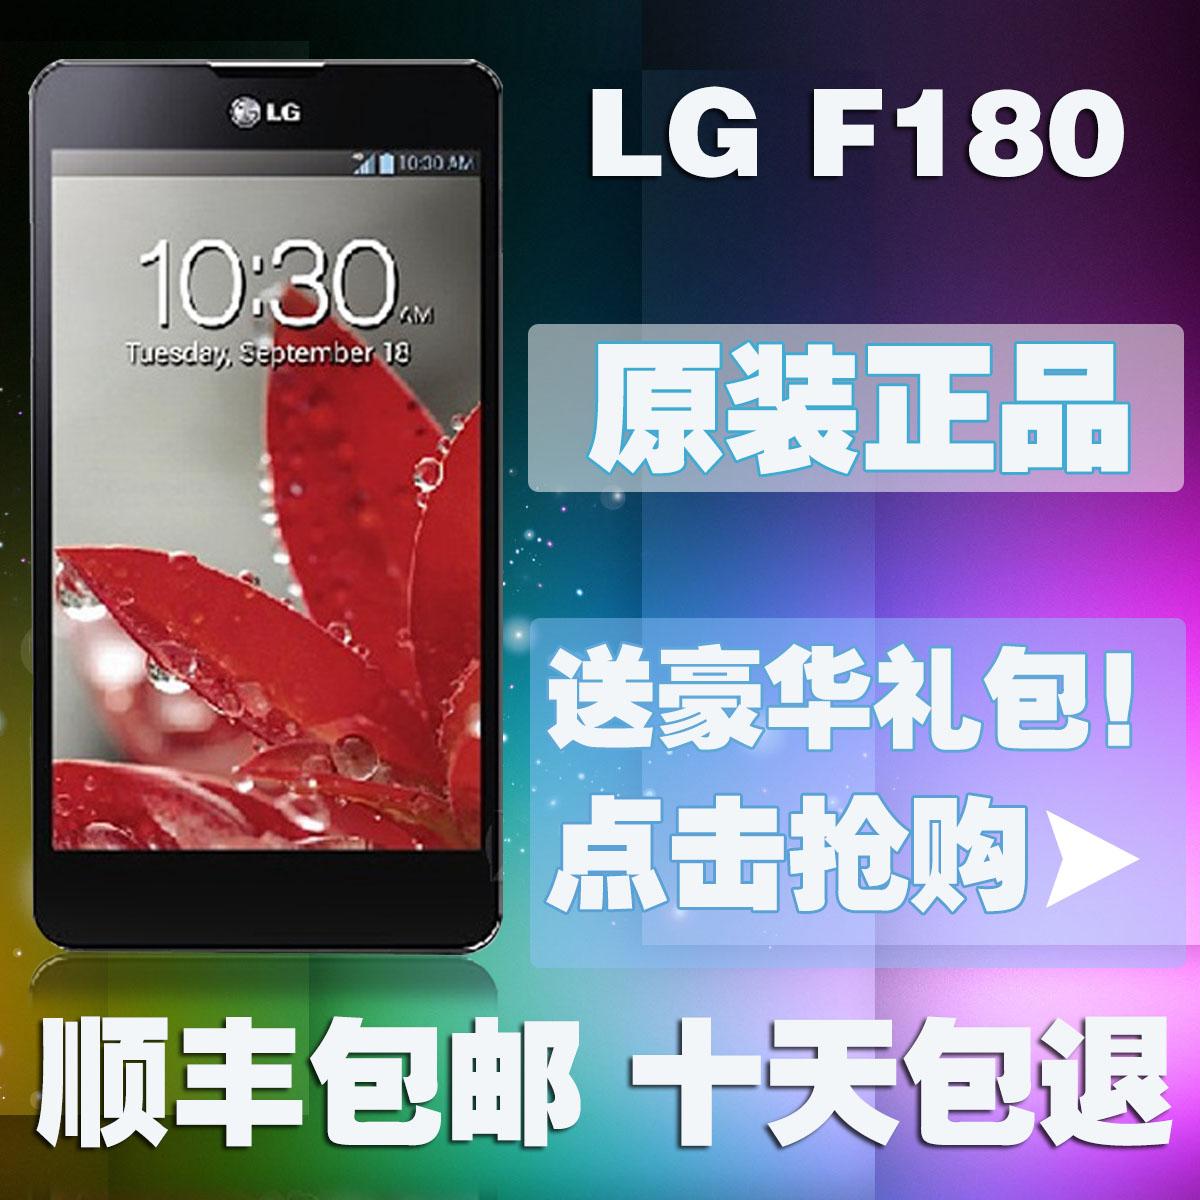 Мобильный телефон LG  E975 E973 F180L/K/S 1.5G P350 3G 4G смартфон lg optimus ge 975 f 180